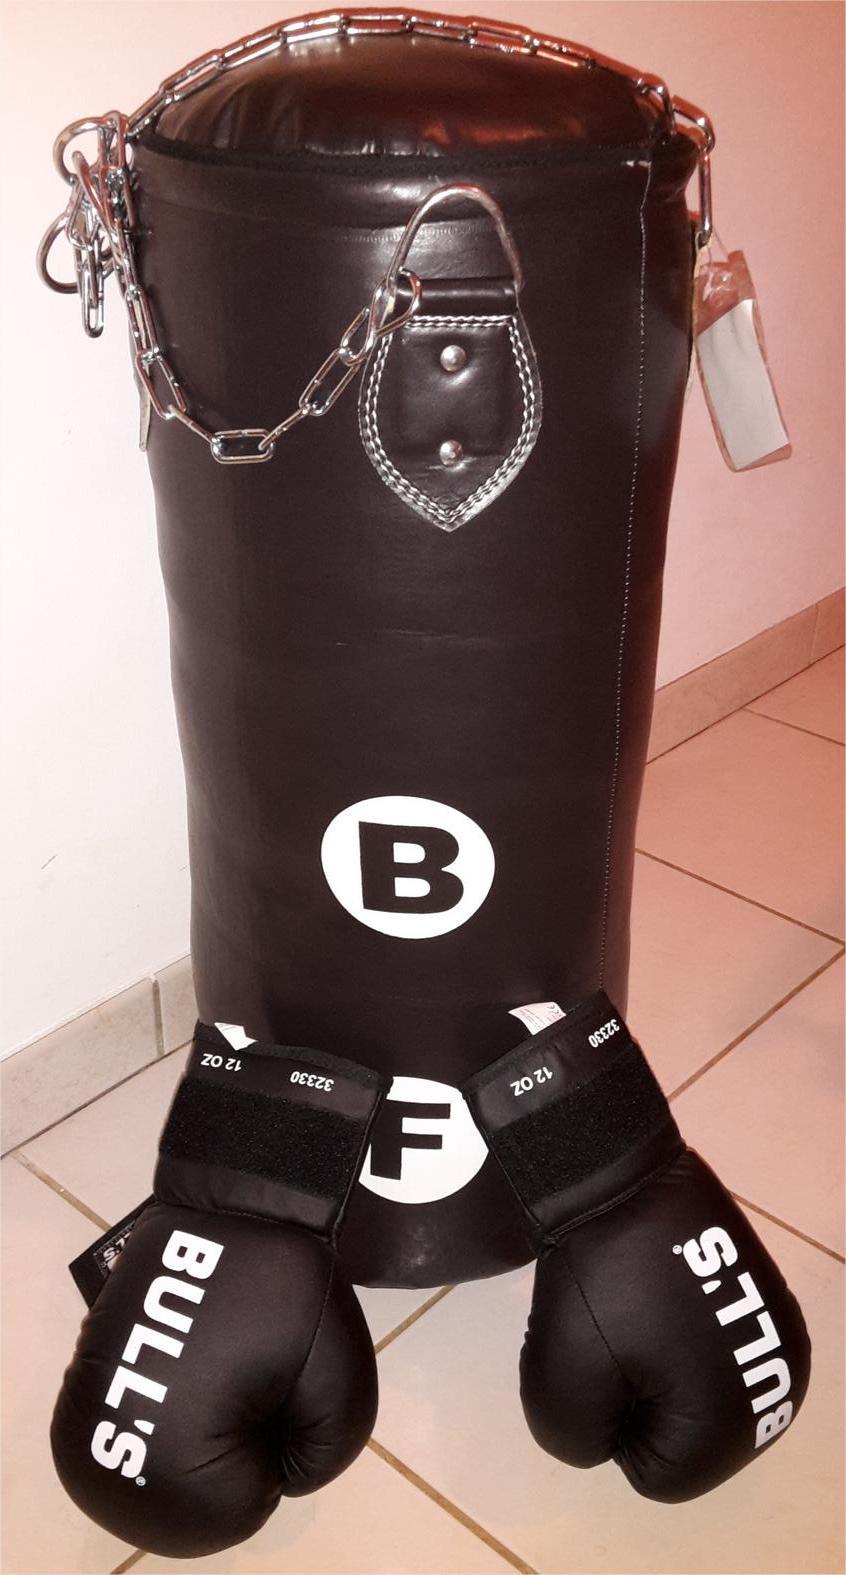 kit sac de frappe + gants de boxe